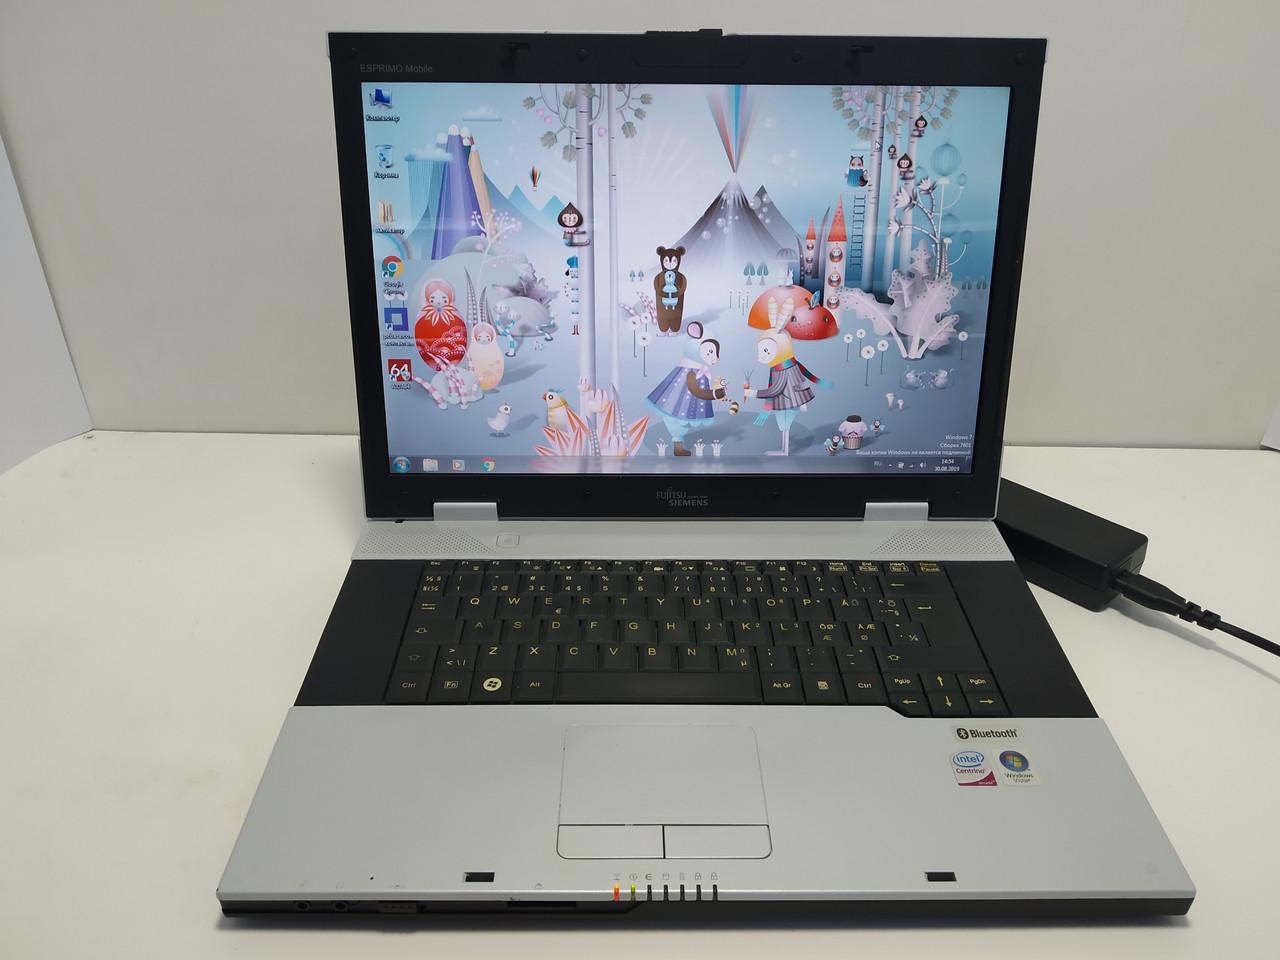 """Ноутбук 15.4"""" FujitsuEsprimo ms2239 \ c2d t5800 2.0\ 2 ГБ ОЗУ \ 160 Гб hdd \ полностью настроен"""